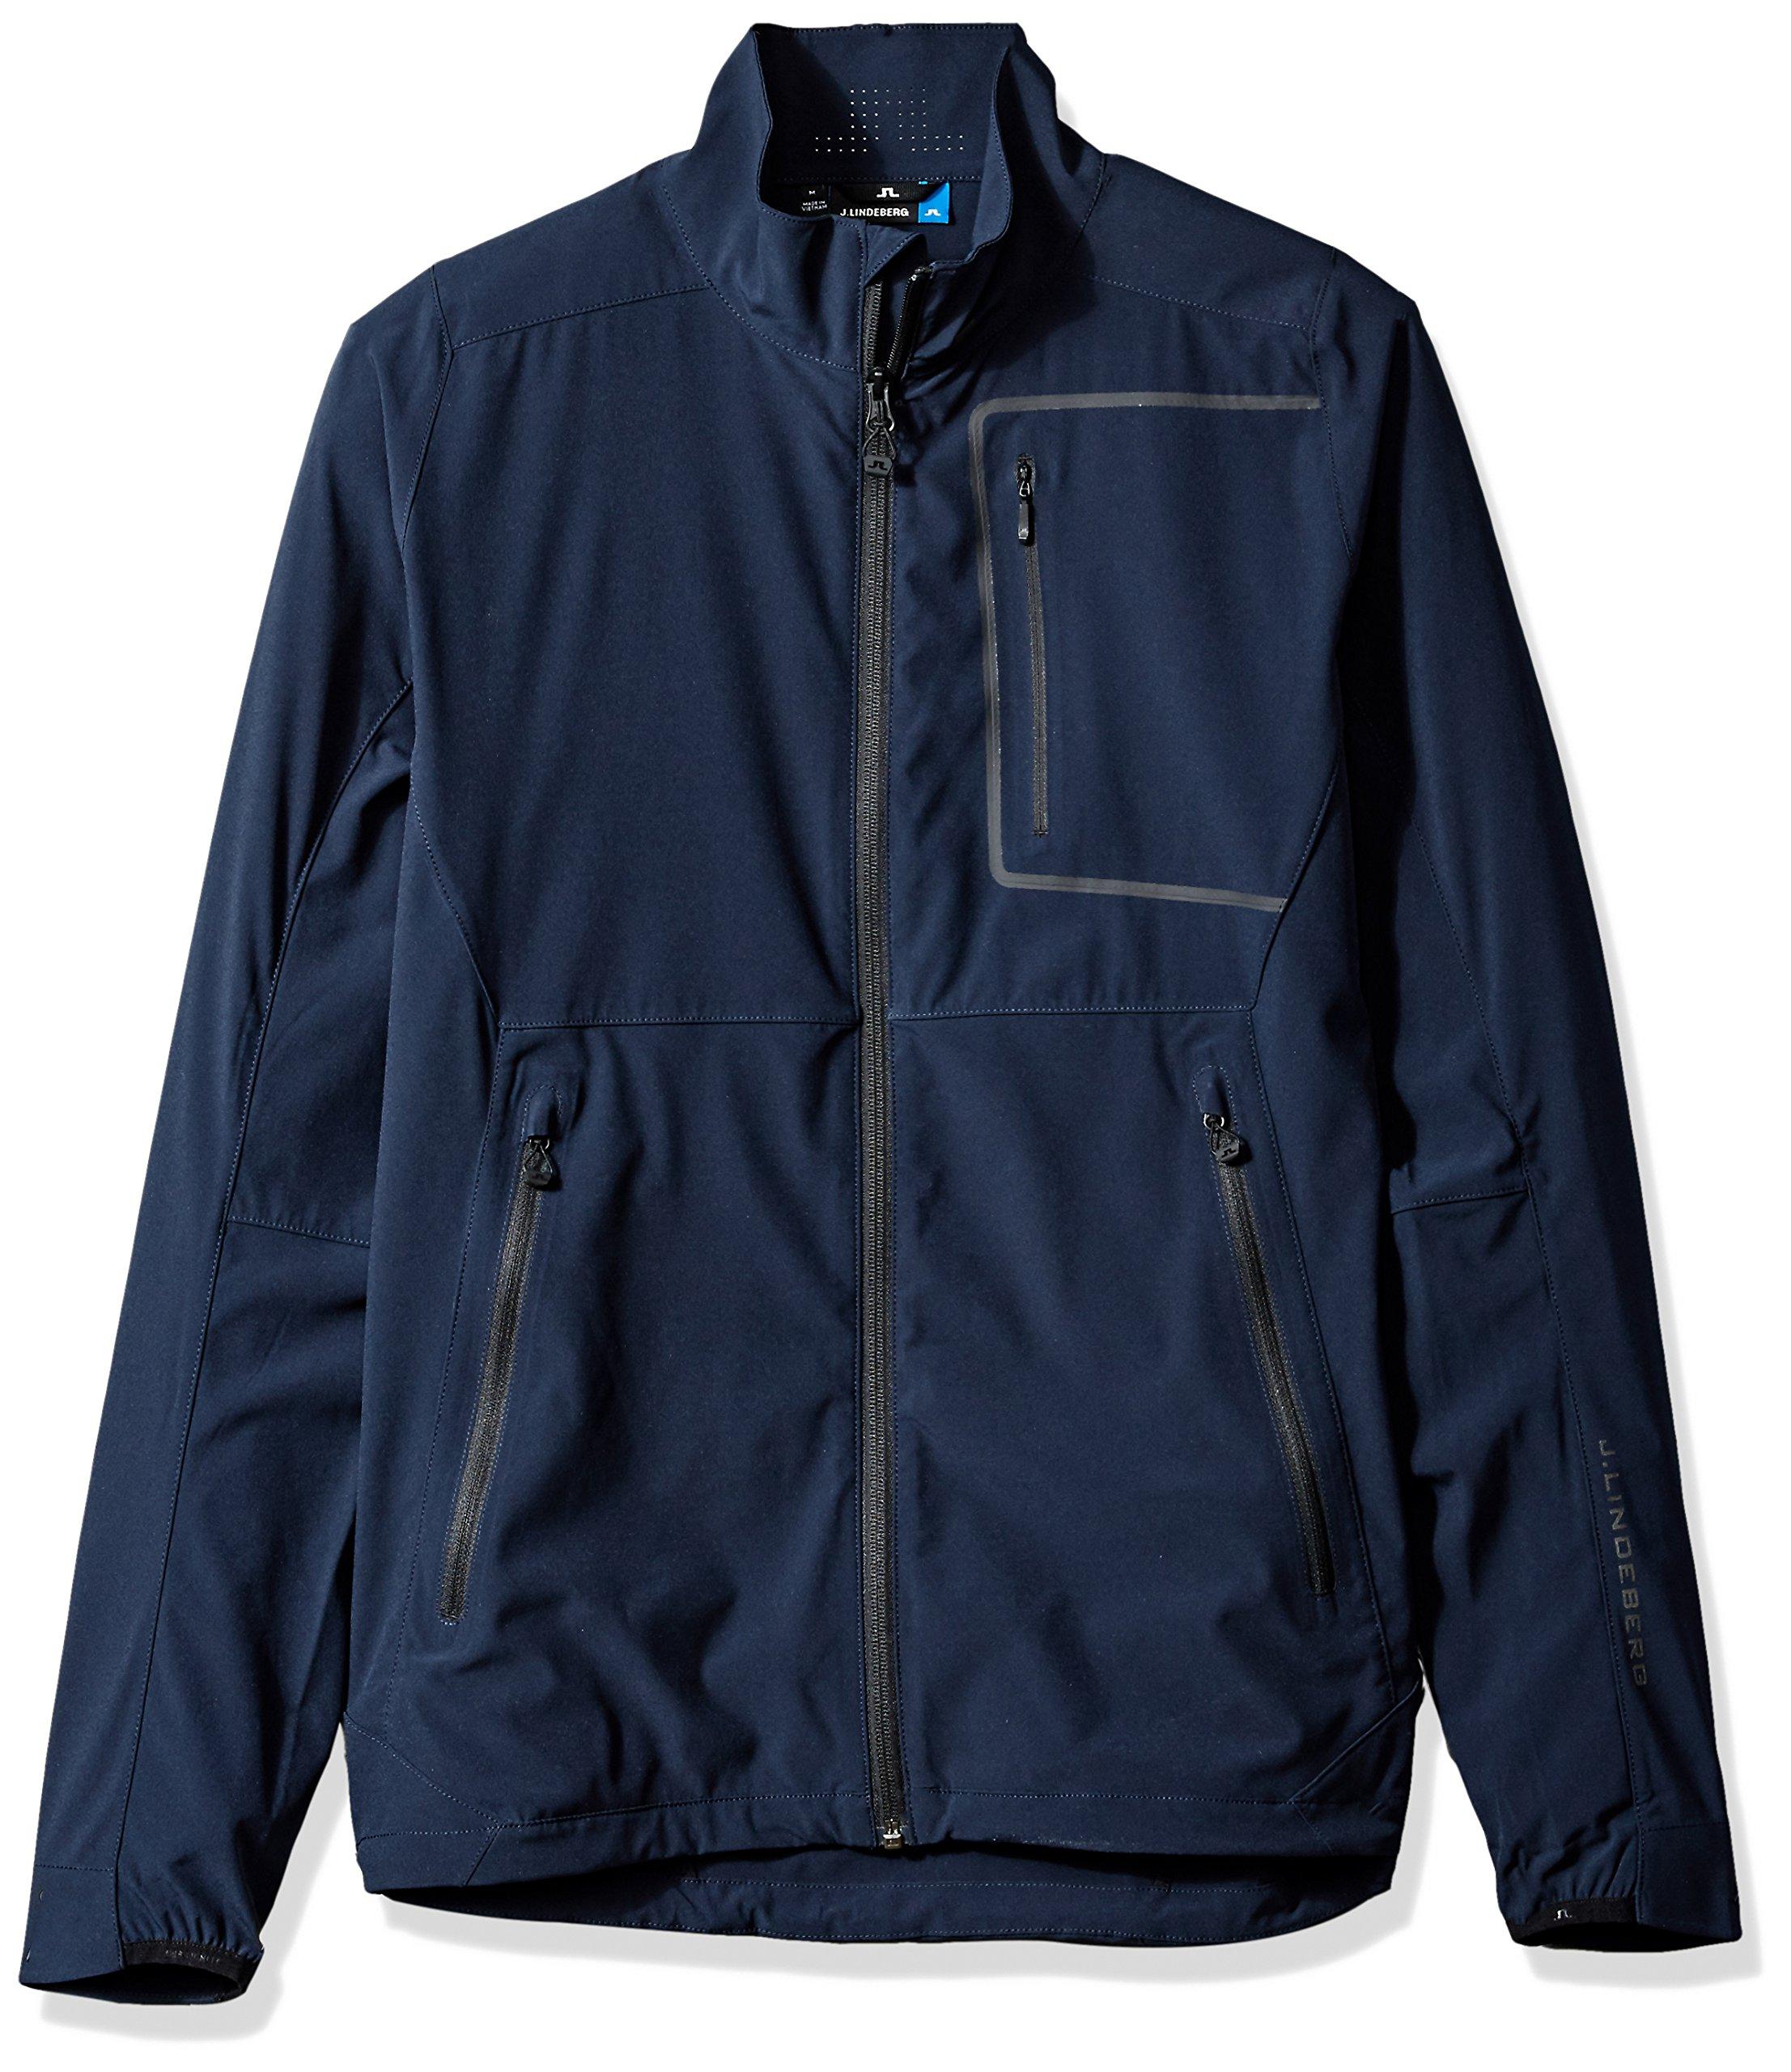 J.Lindeberg Men's Water Repellent Soft Shell Jacket, JL Navy, XL by J.Lindeberg